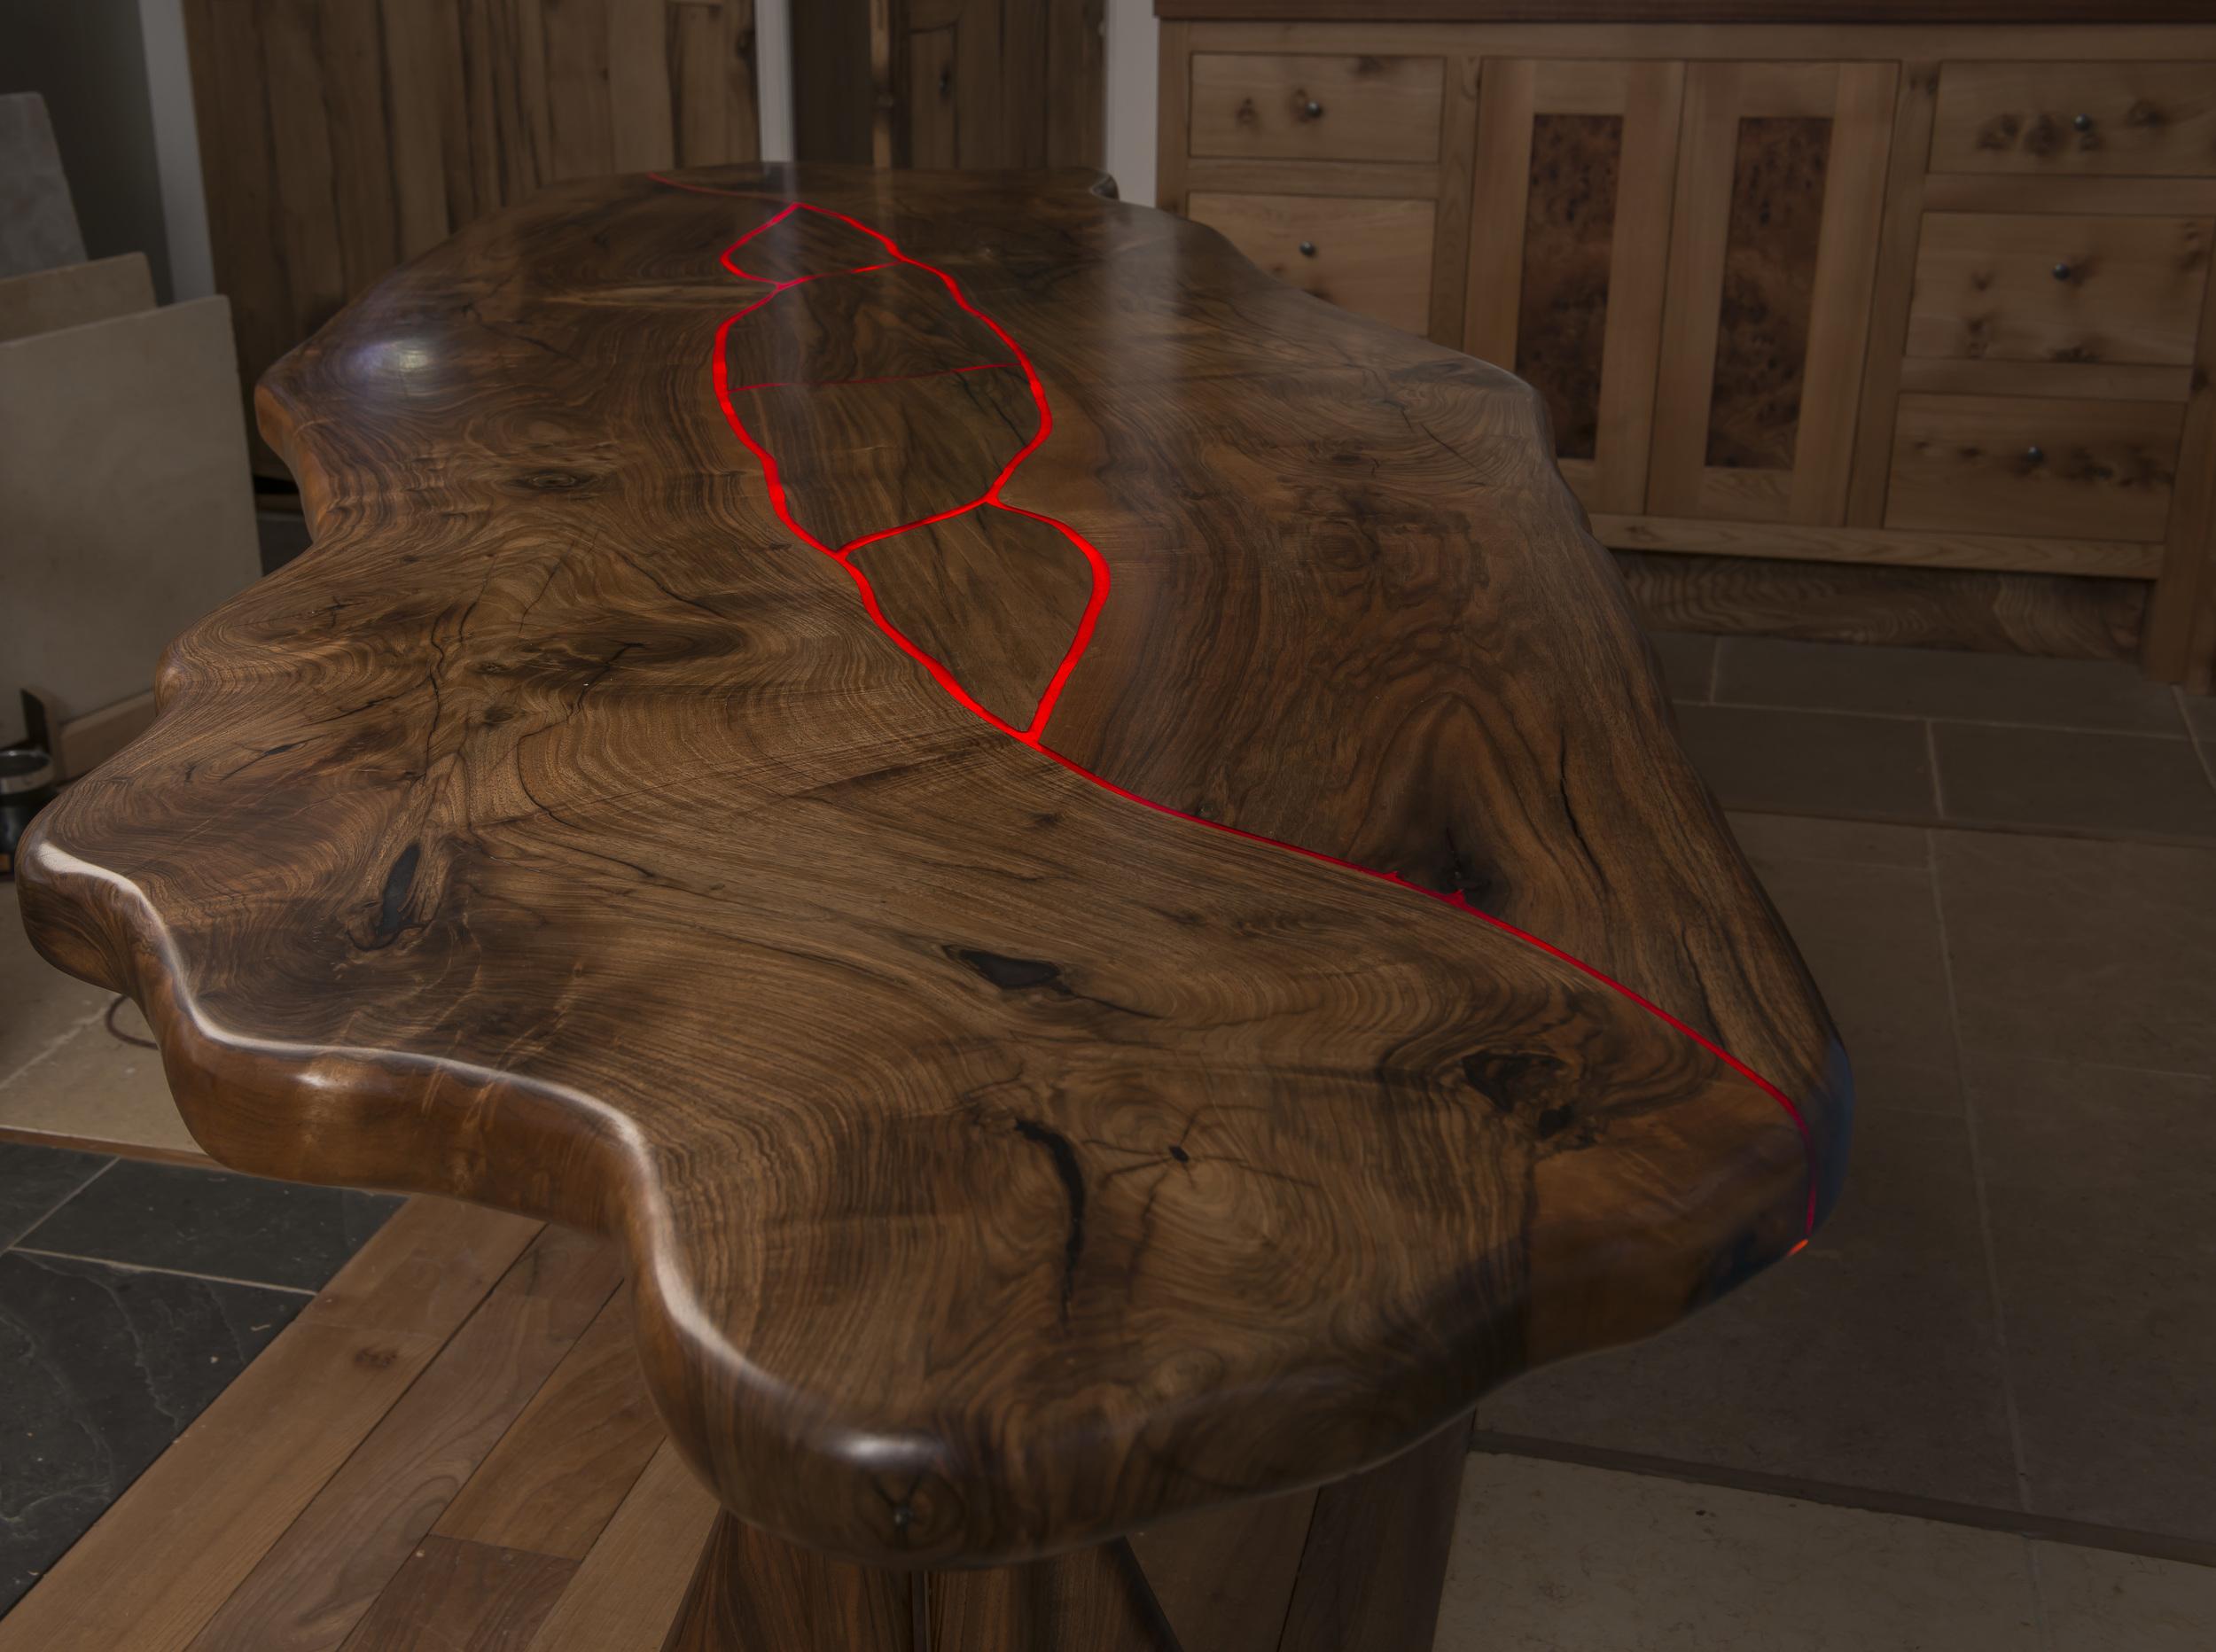 WHR_Auspicious_table-045.jpg